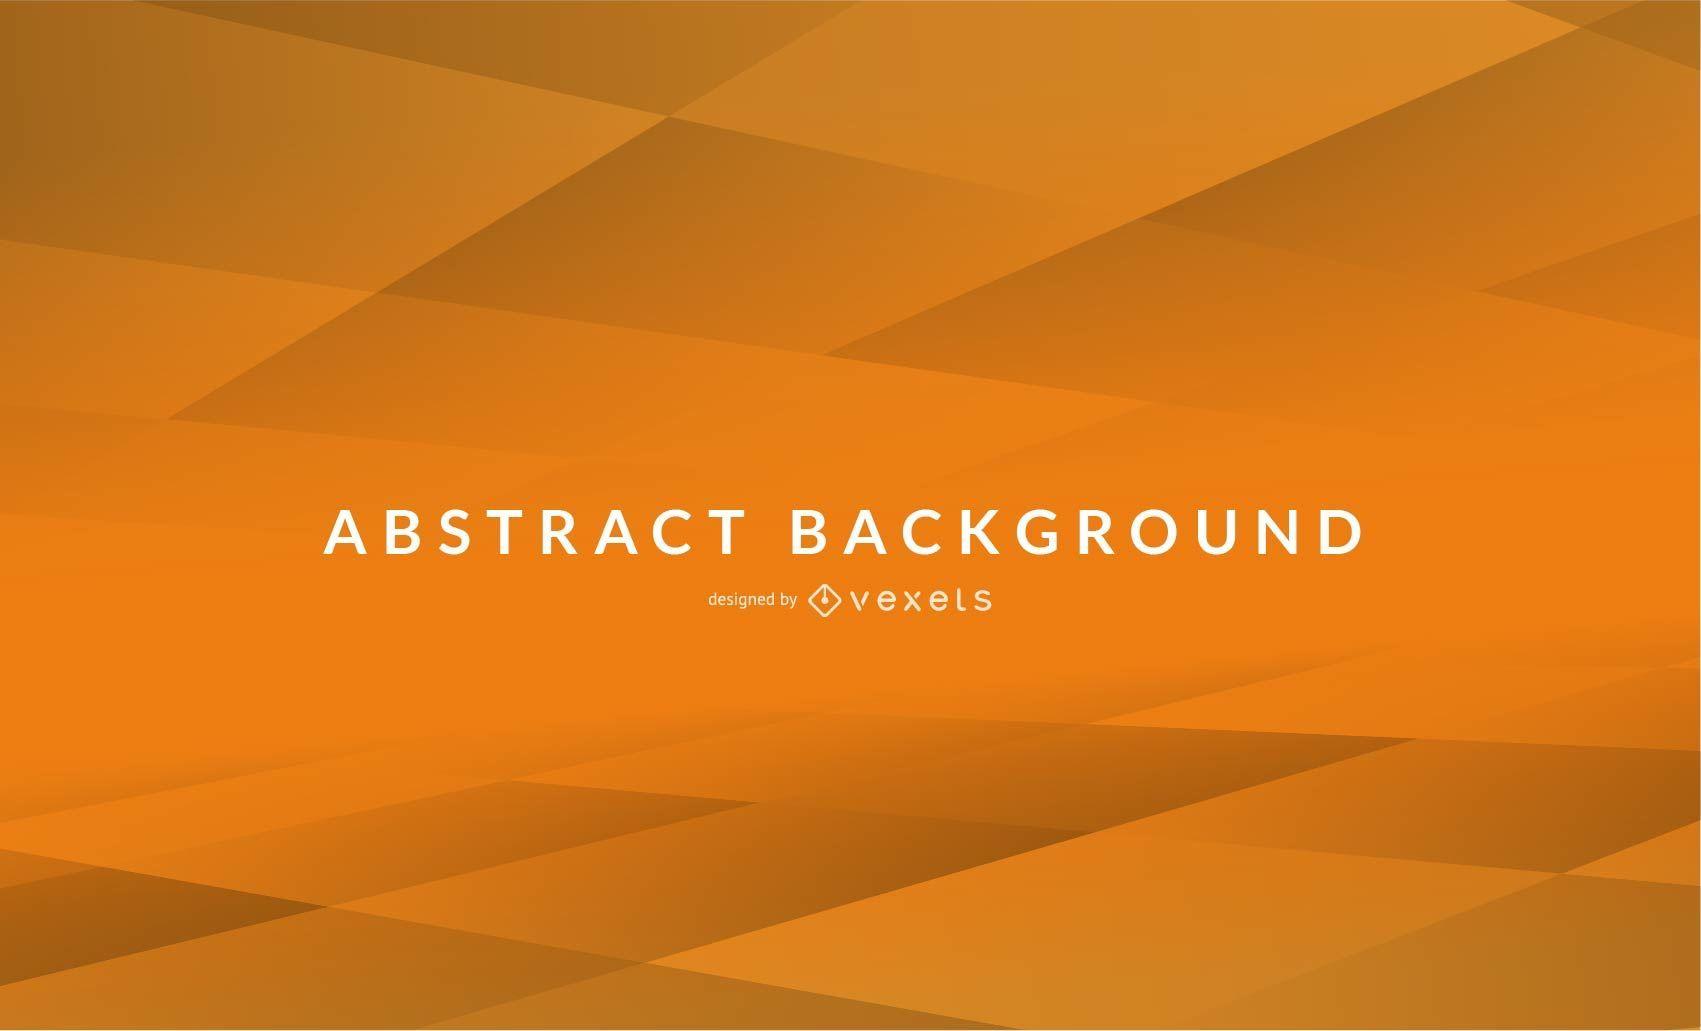 Diseño de fondo abstracto de azulejo naranja